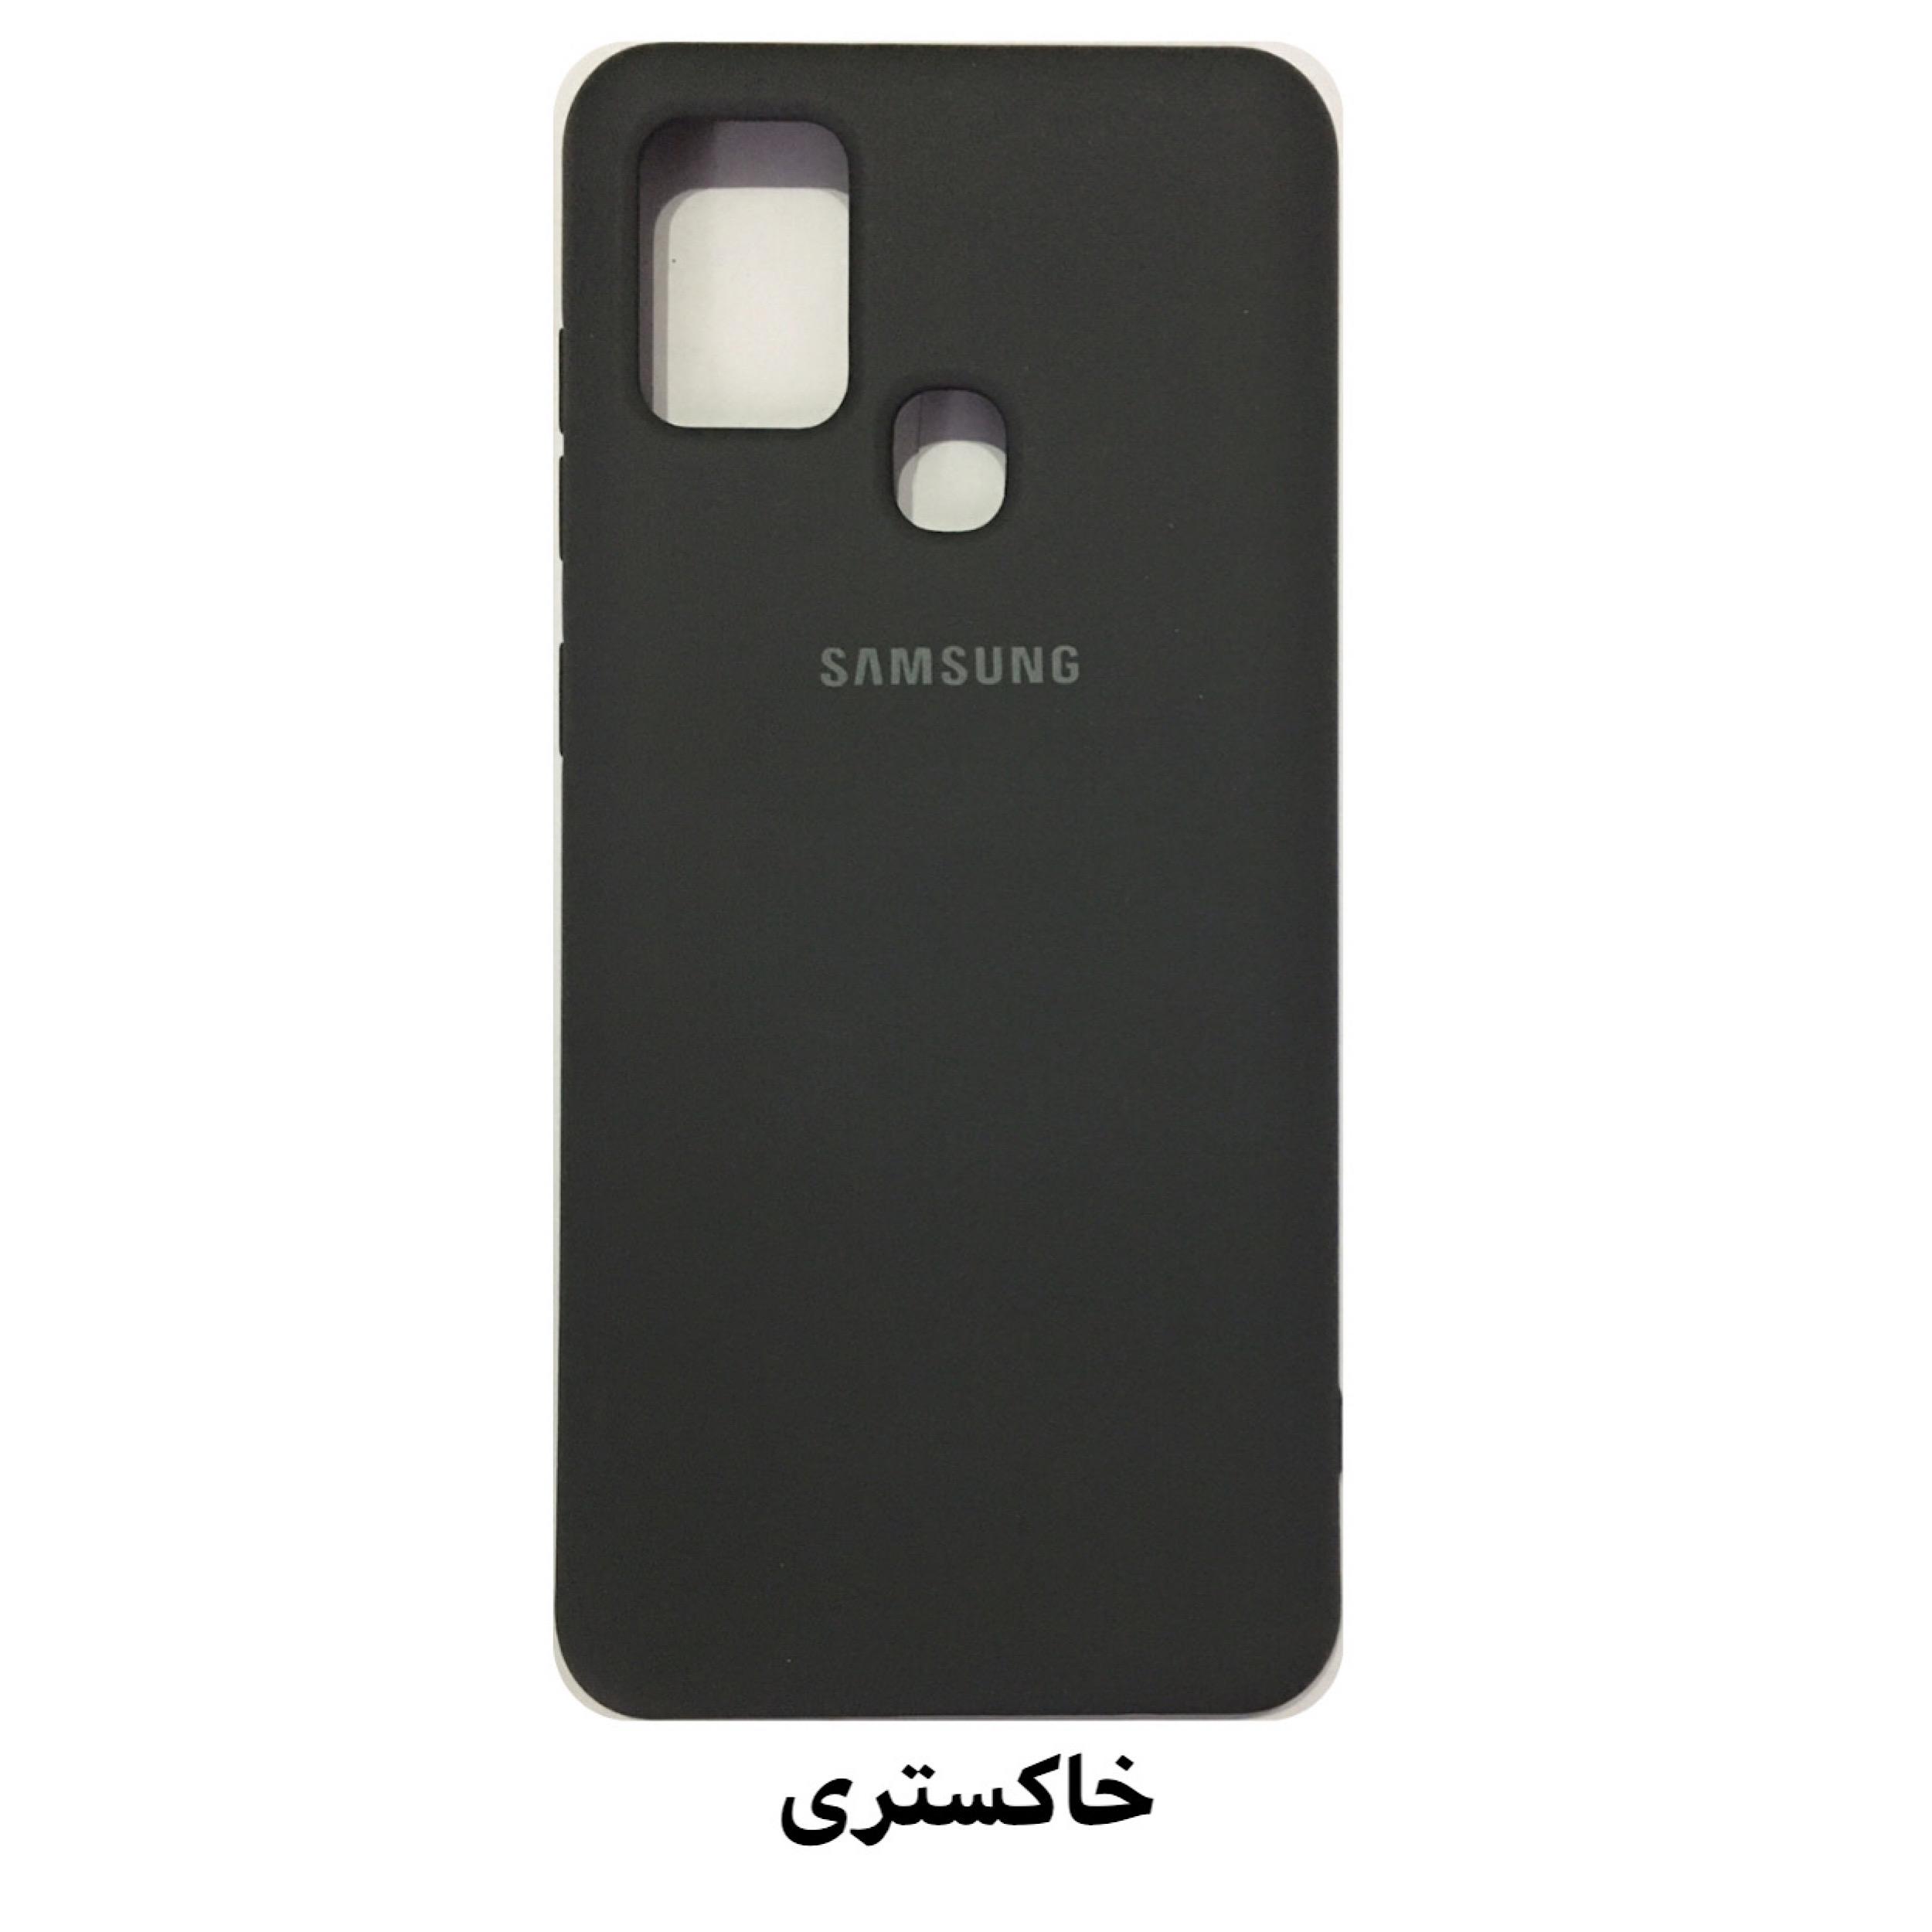 کاور مدل Sil-0021s مناسب برای گوشی موبایل سامسونگ Galaxy A21s main 1 10